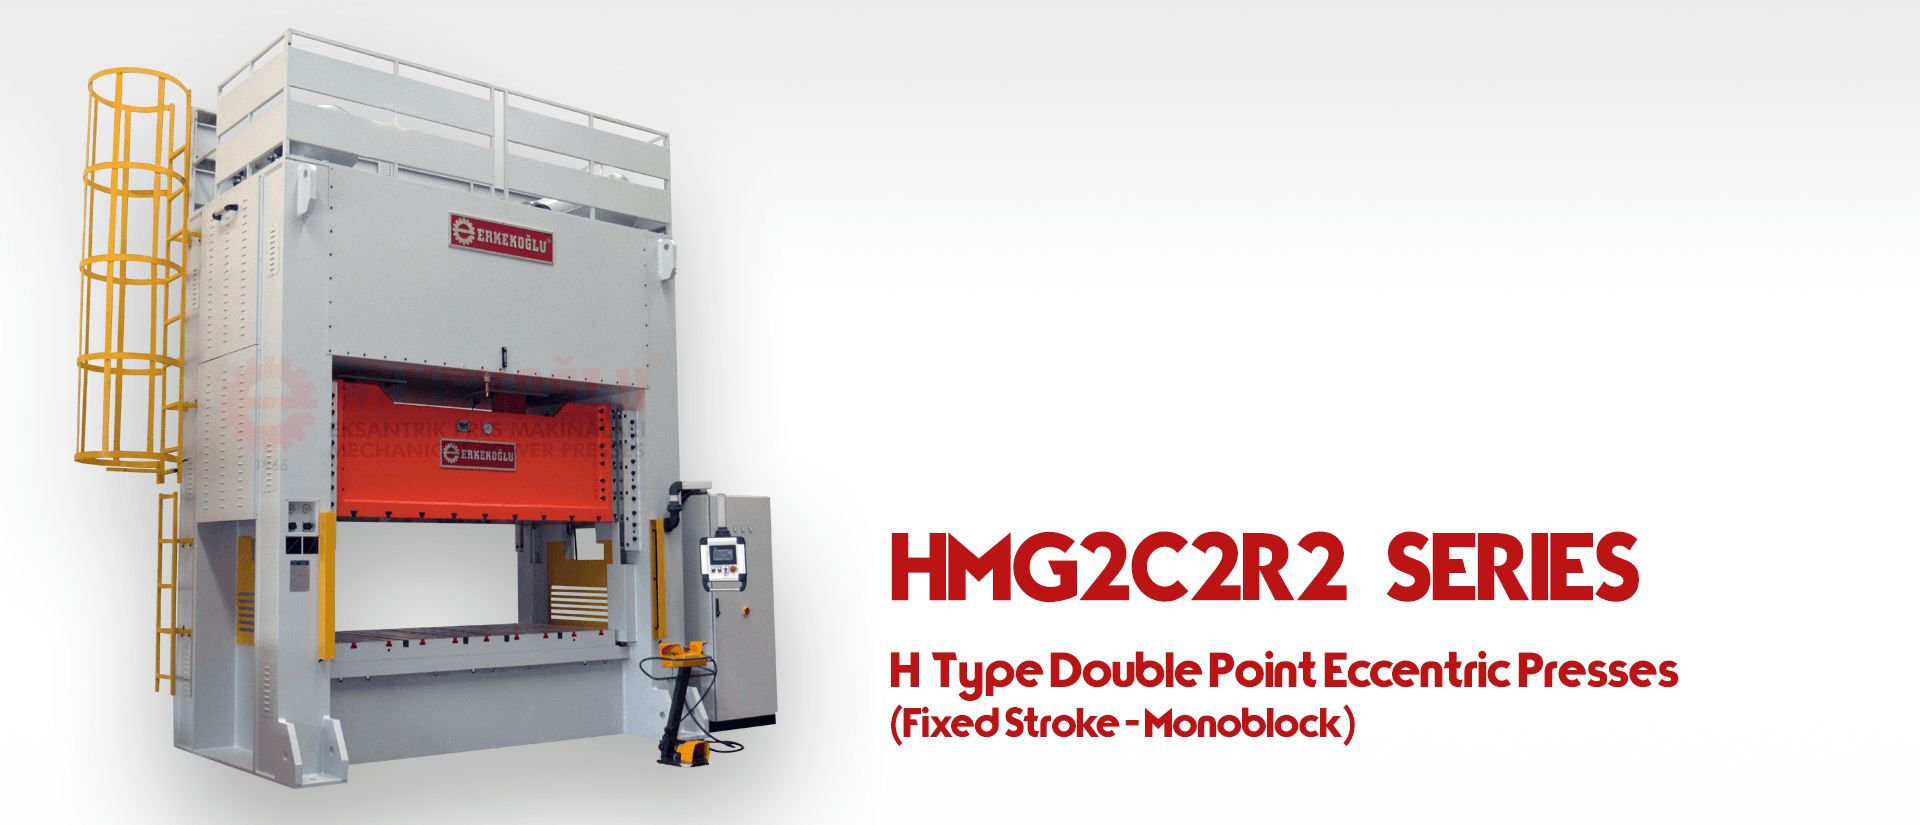 hmg2c2r2-eng-2